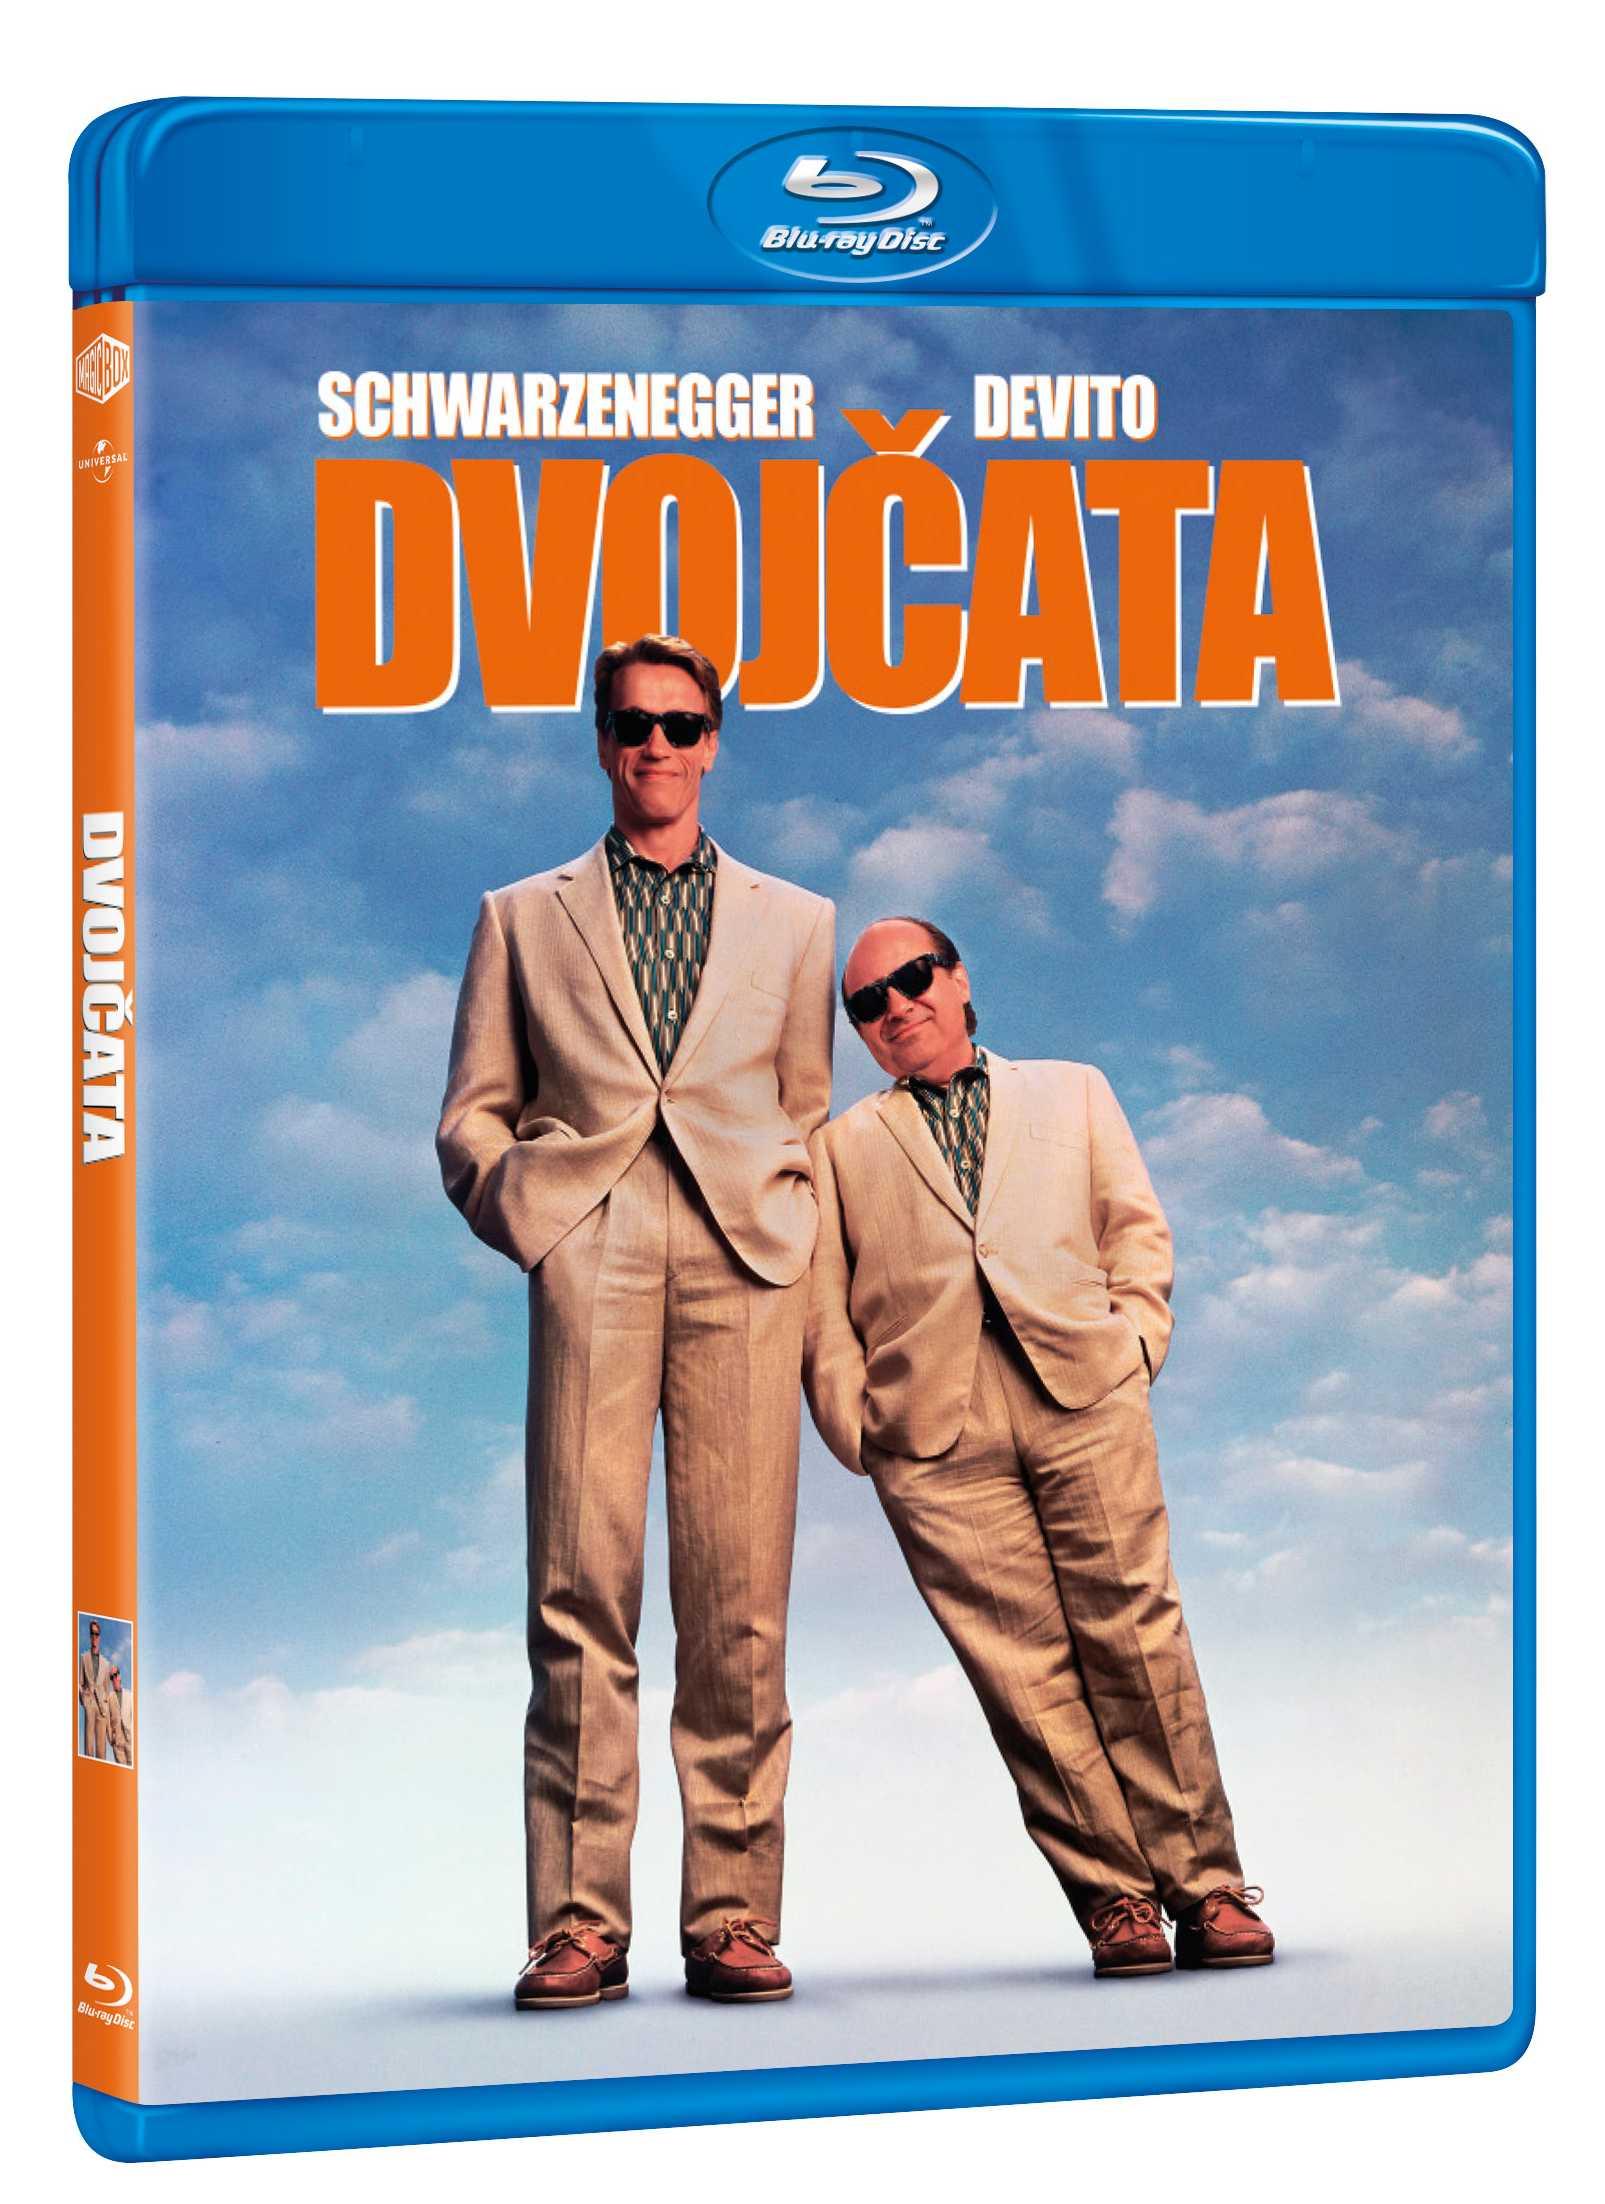 DVOJČATA - Blu-ray